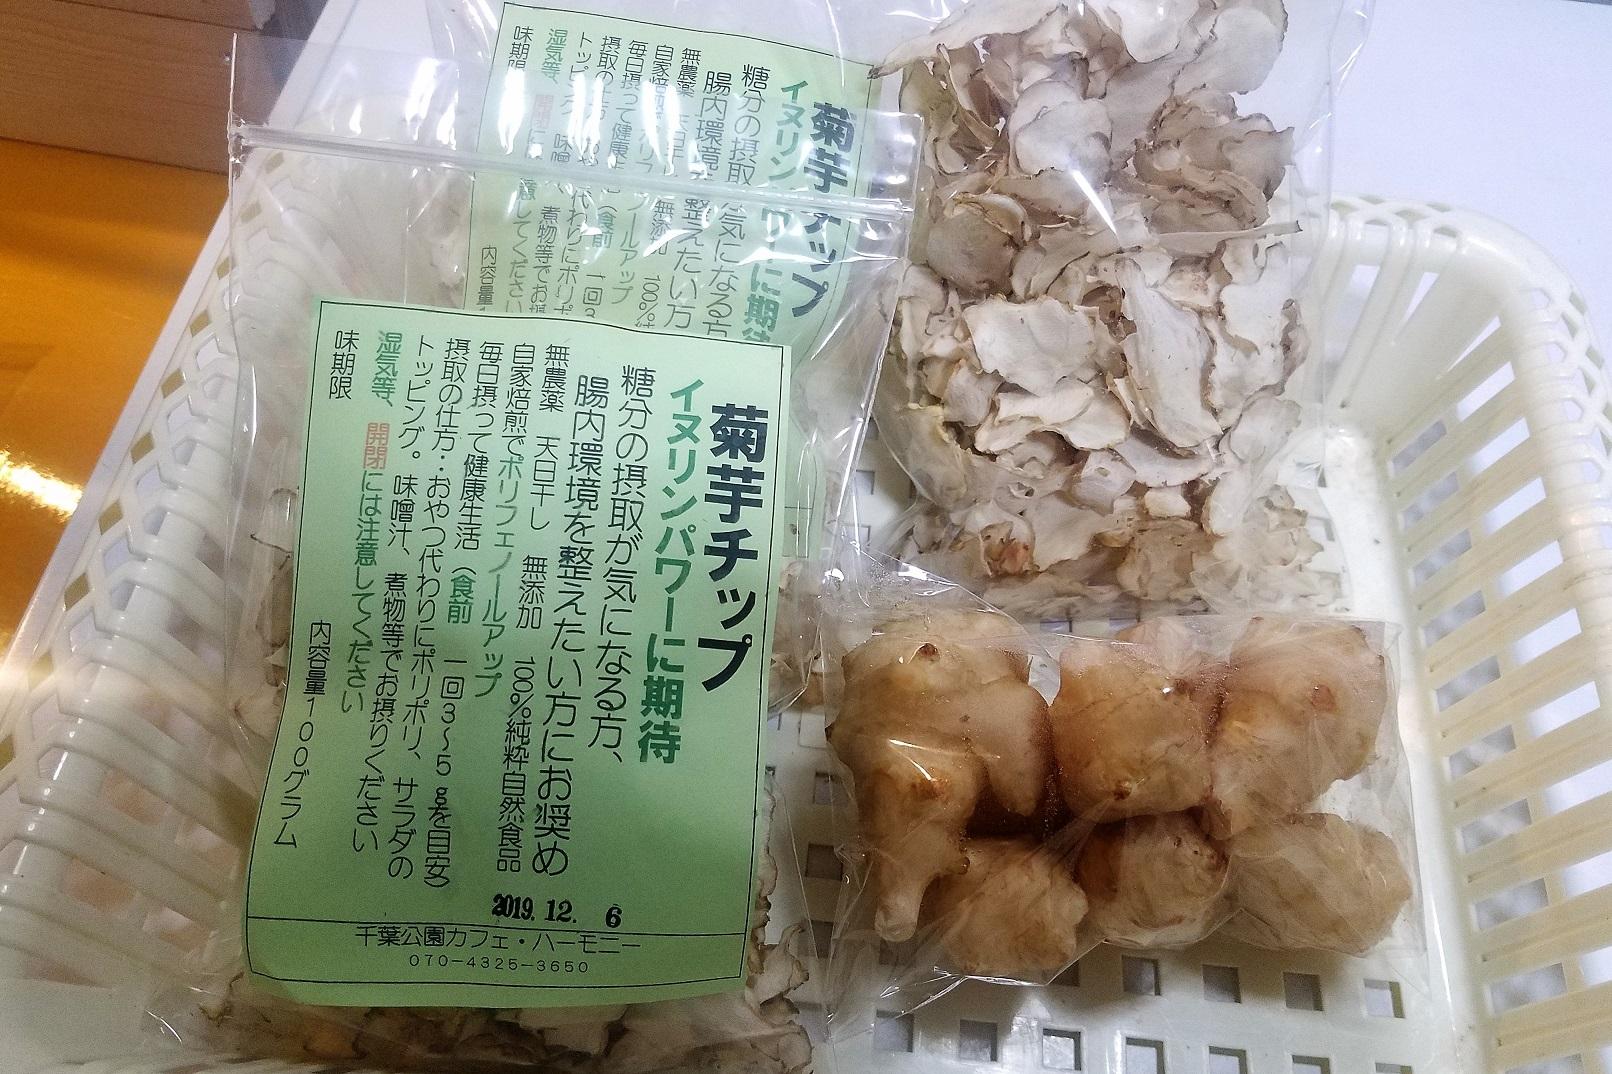 菊芋の販売